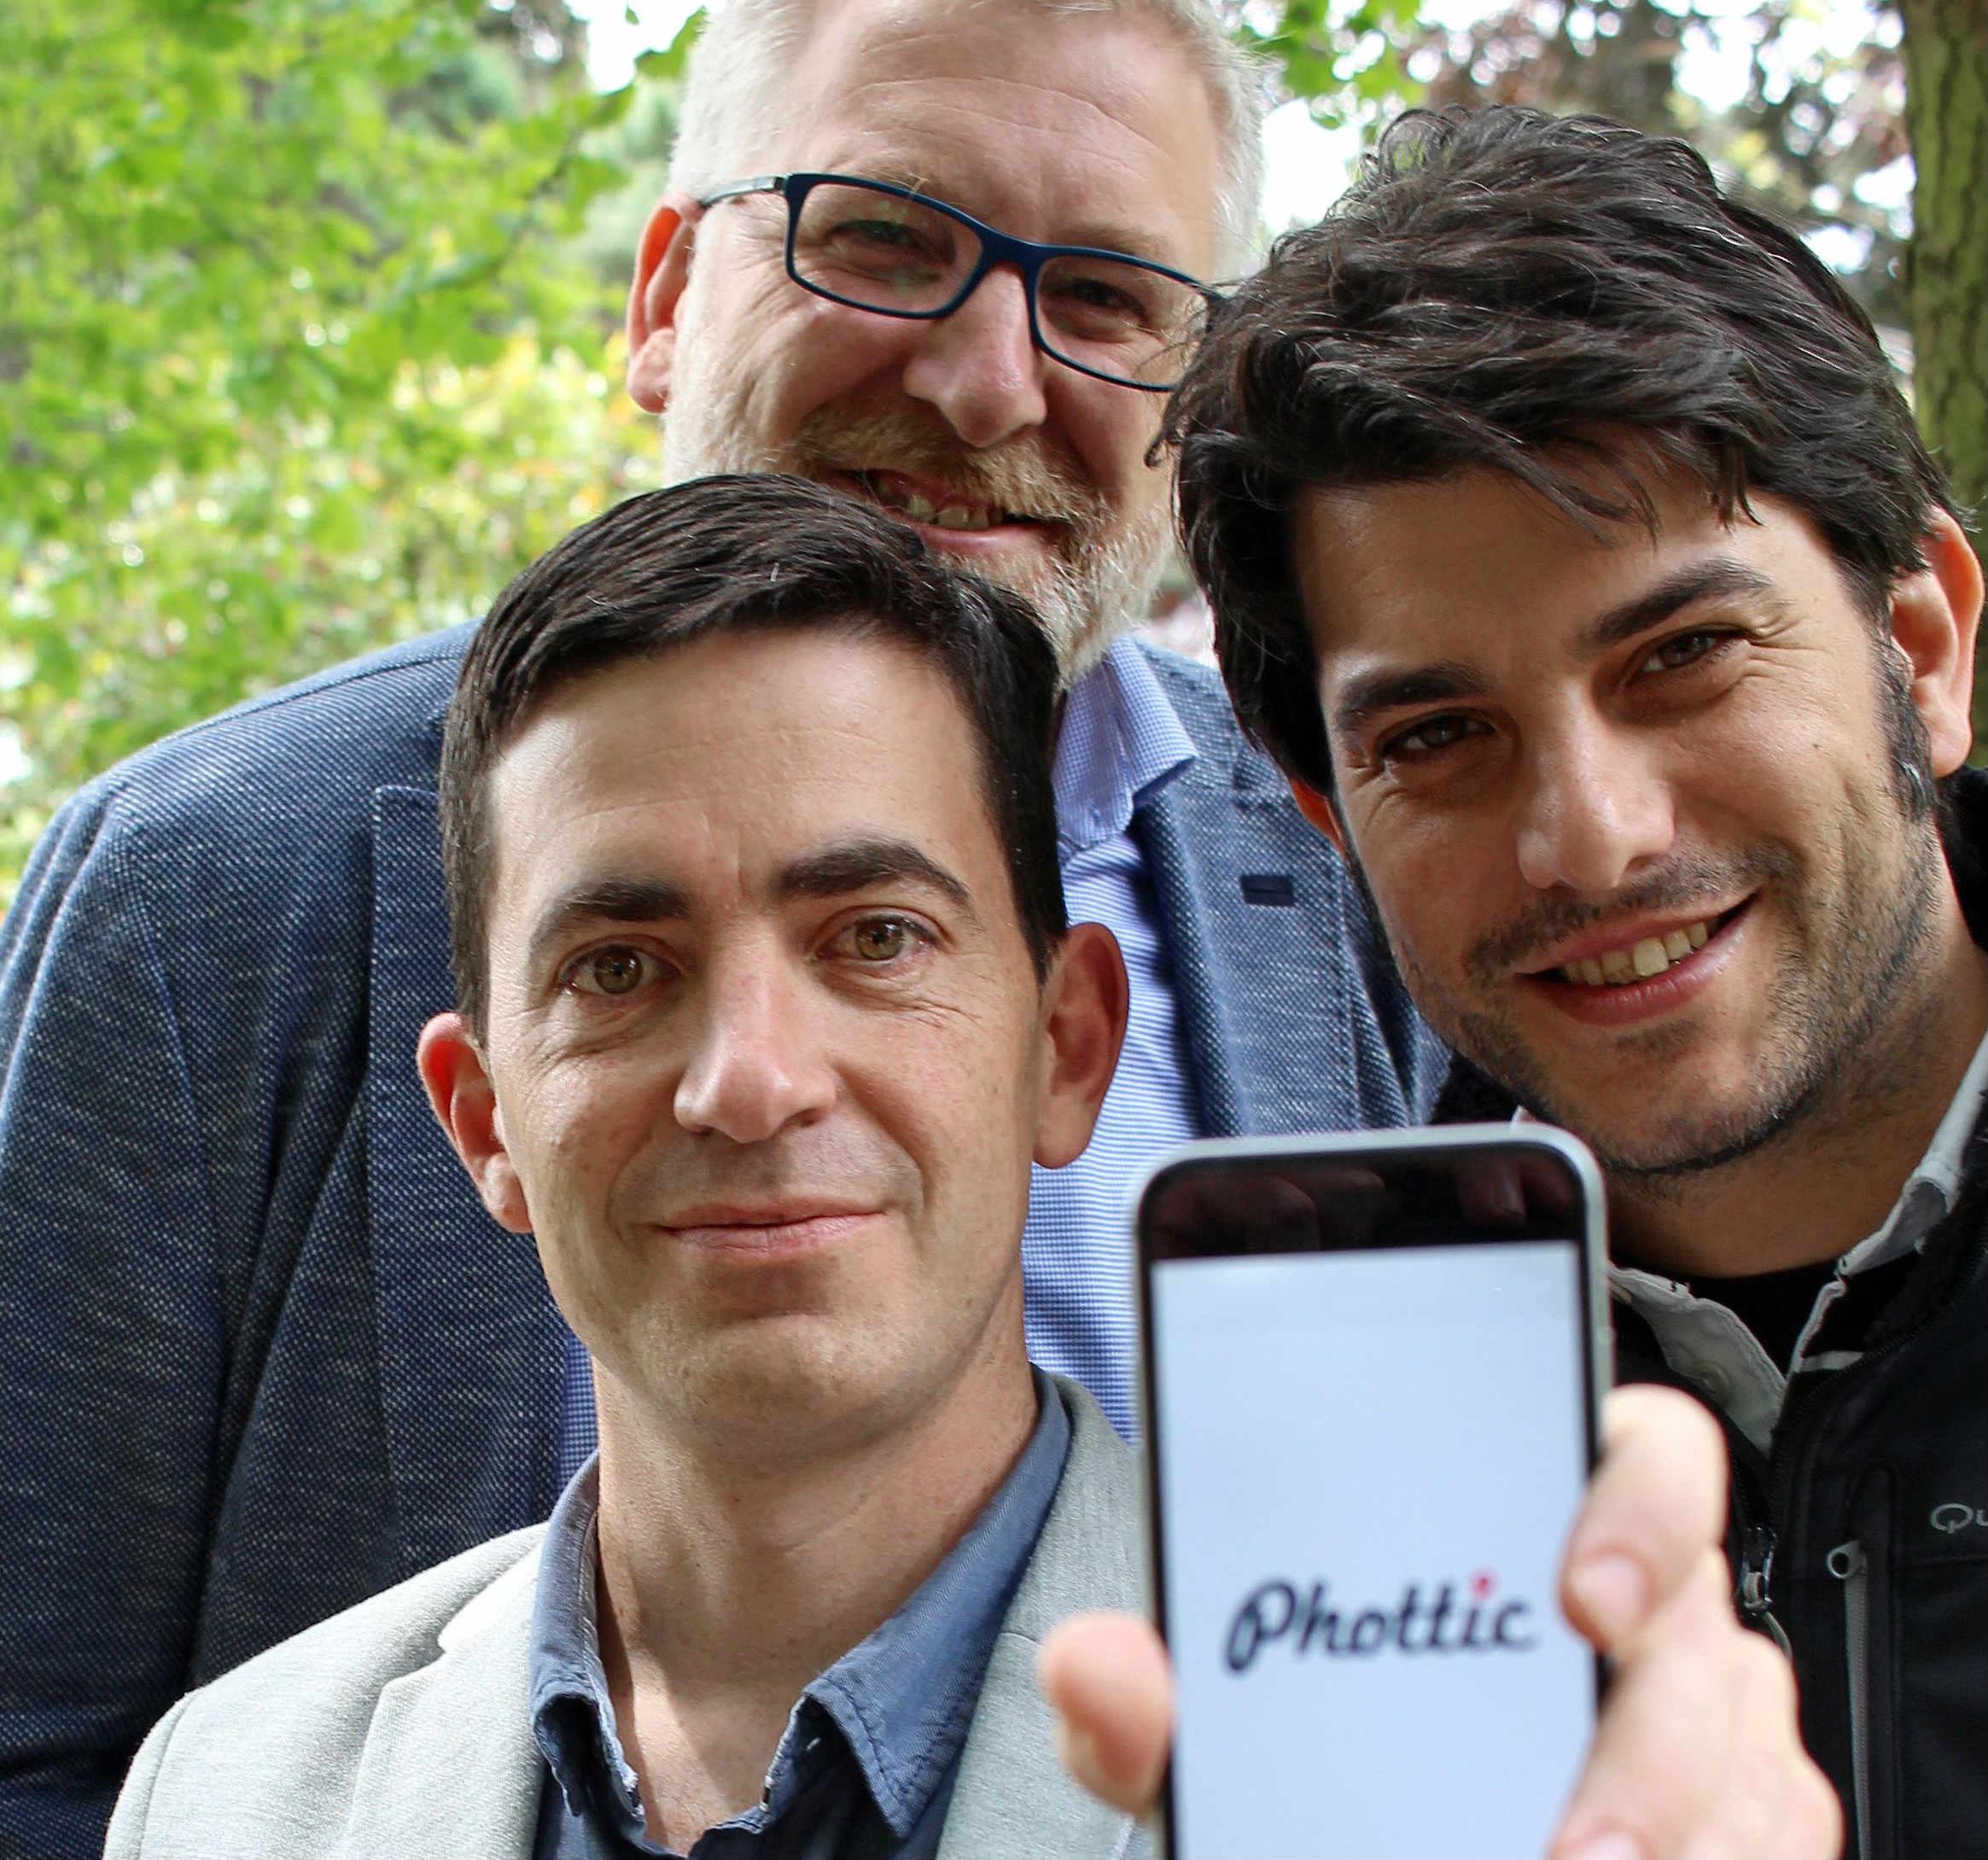 Alejandro Lamas, Manuel Pan y Daniel Cerqueiro, impulsores de Phottic.